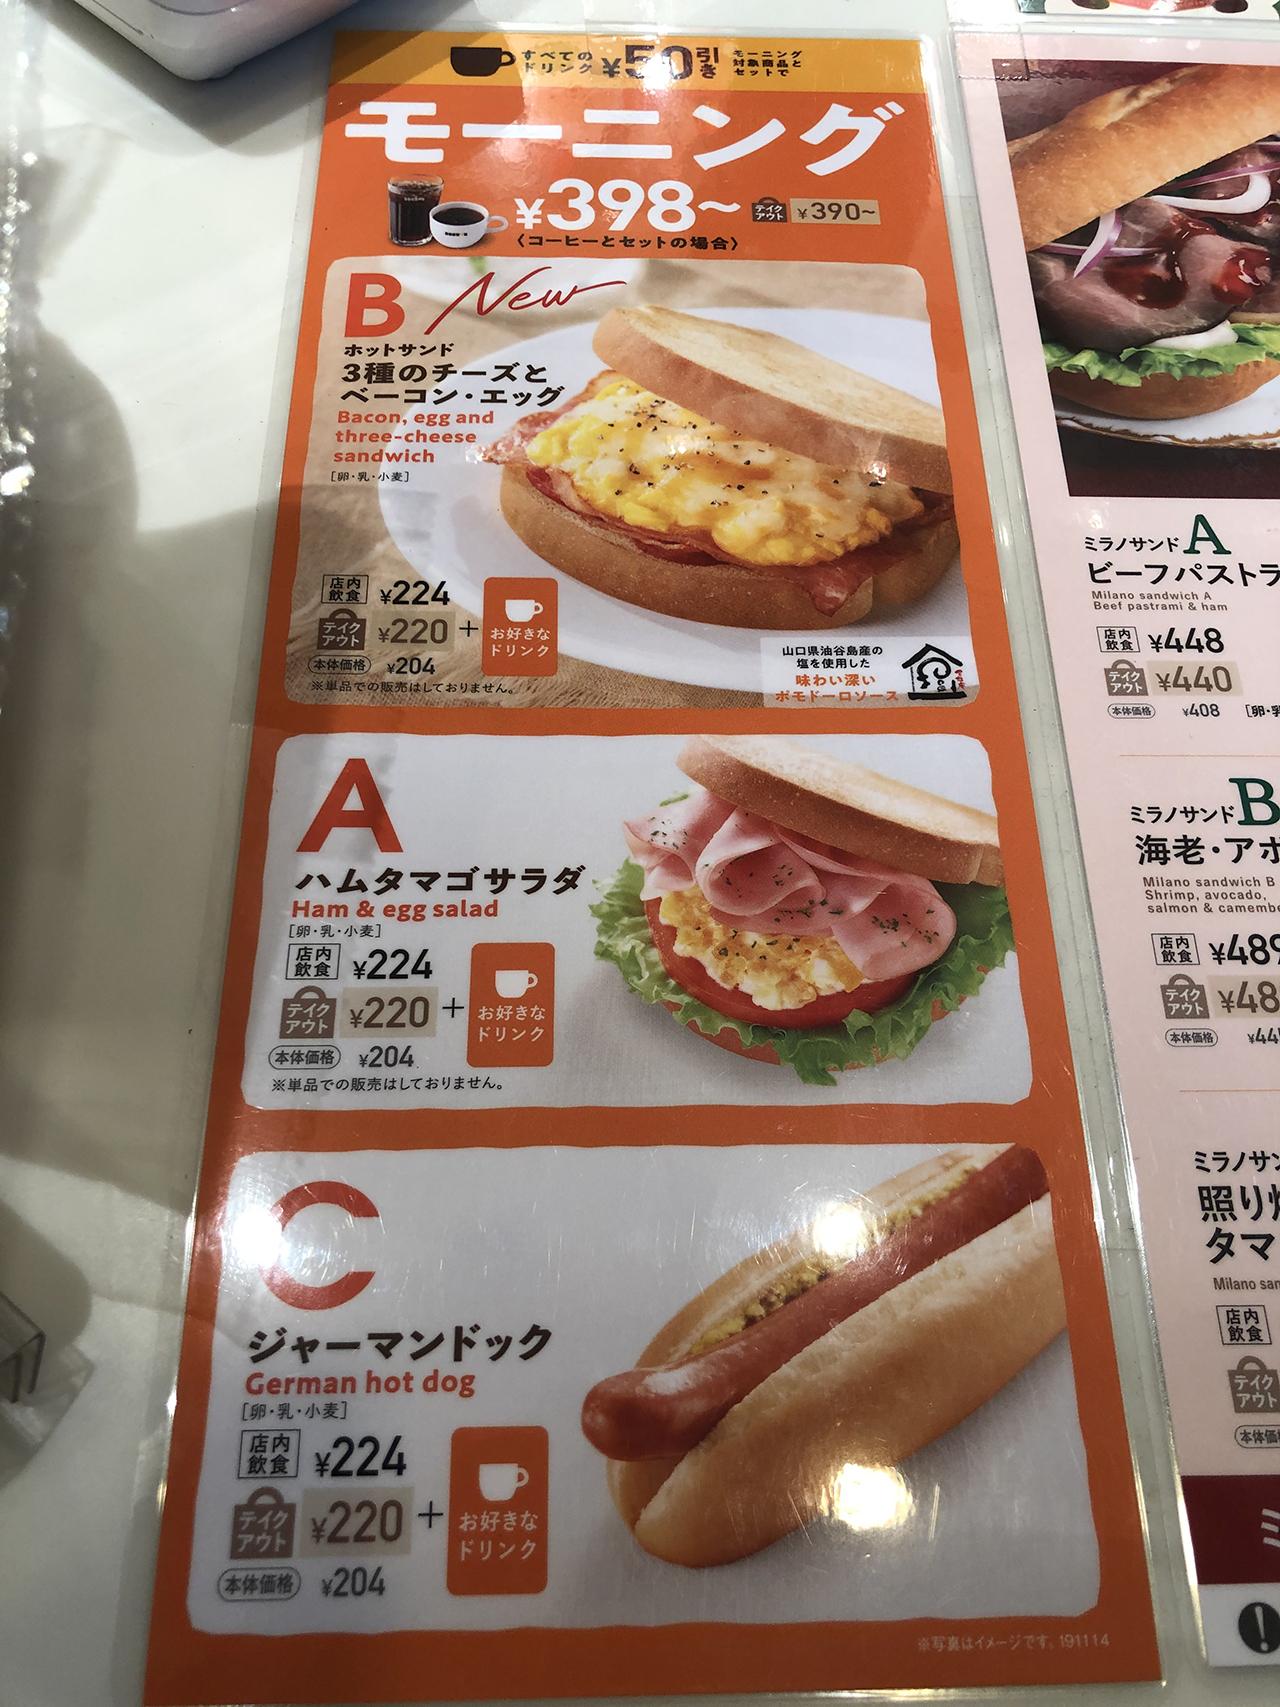 ドトールコーヒーショップ 千葉県庁前駅前店の投稿写真5